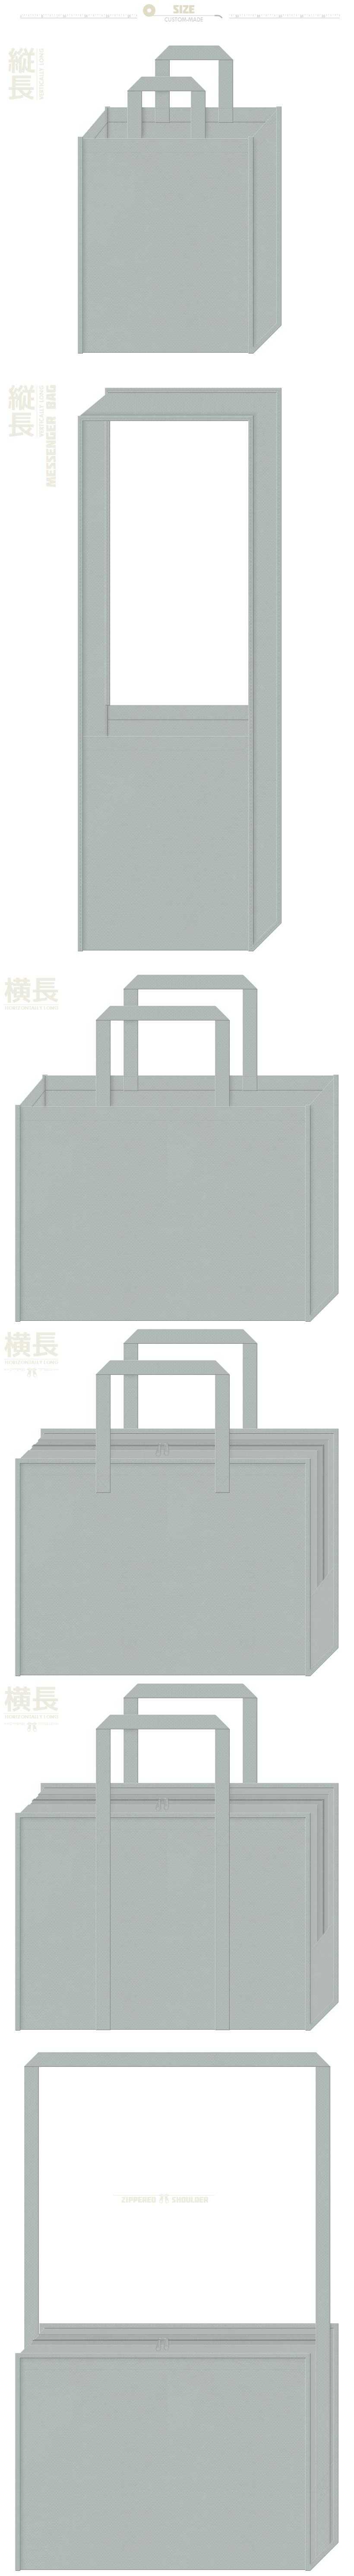 グレー色の不織布バッグにお奨めのイメージ:建築・設計・什器・都市・コンクリート・アルミ・金属・ロボット・機械・文具